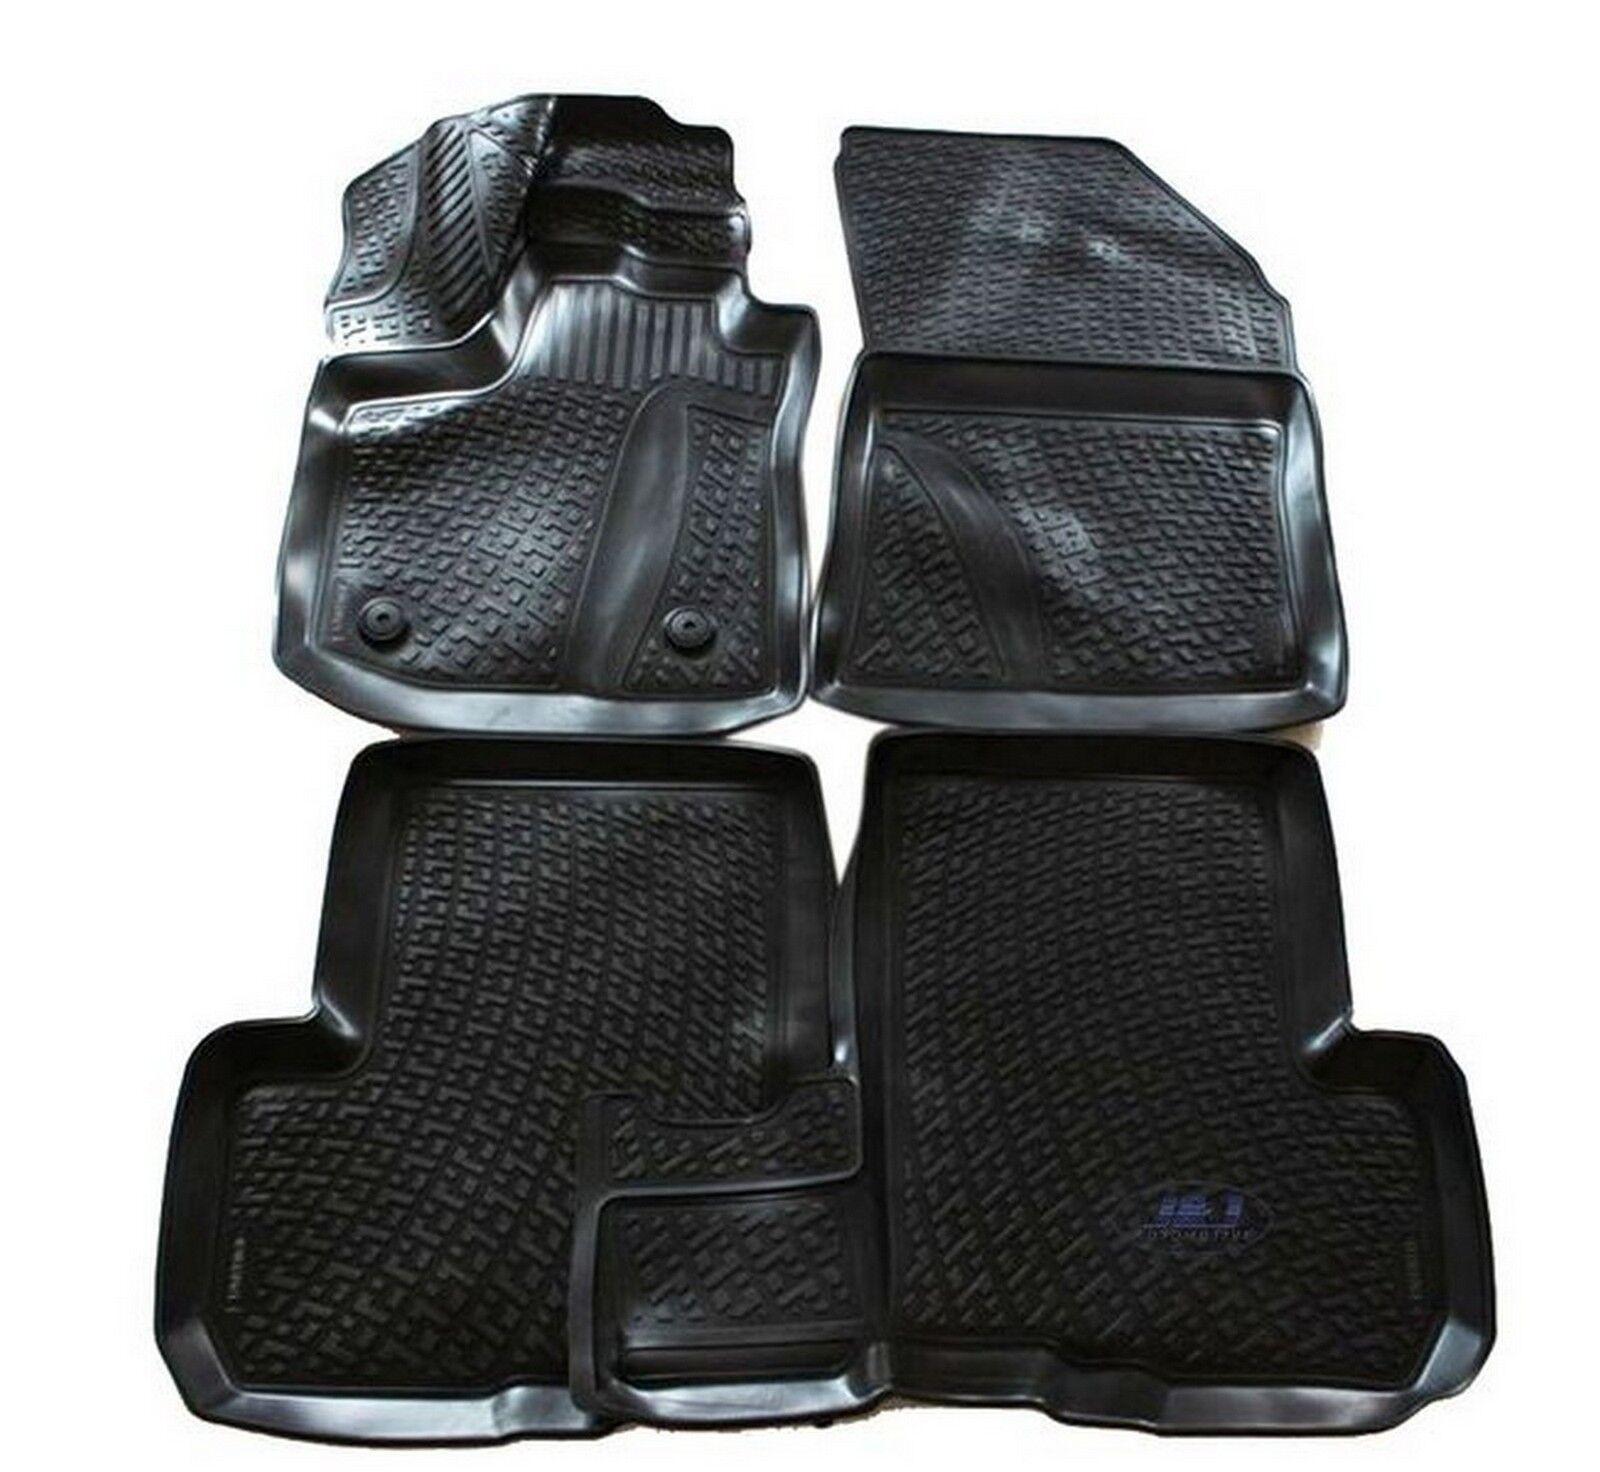 3d exclusive tapis de sol en caoutchouc pour dacia lodgy 2012 pr s 4pcs ebay. Black Bedroom Furniture Sets. Home Design Ideas